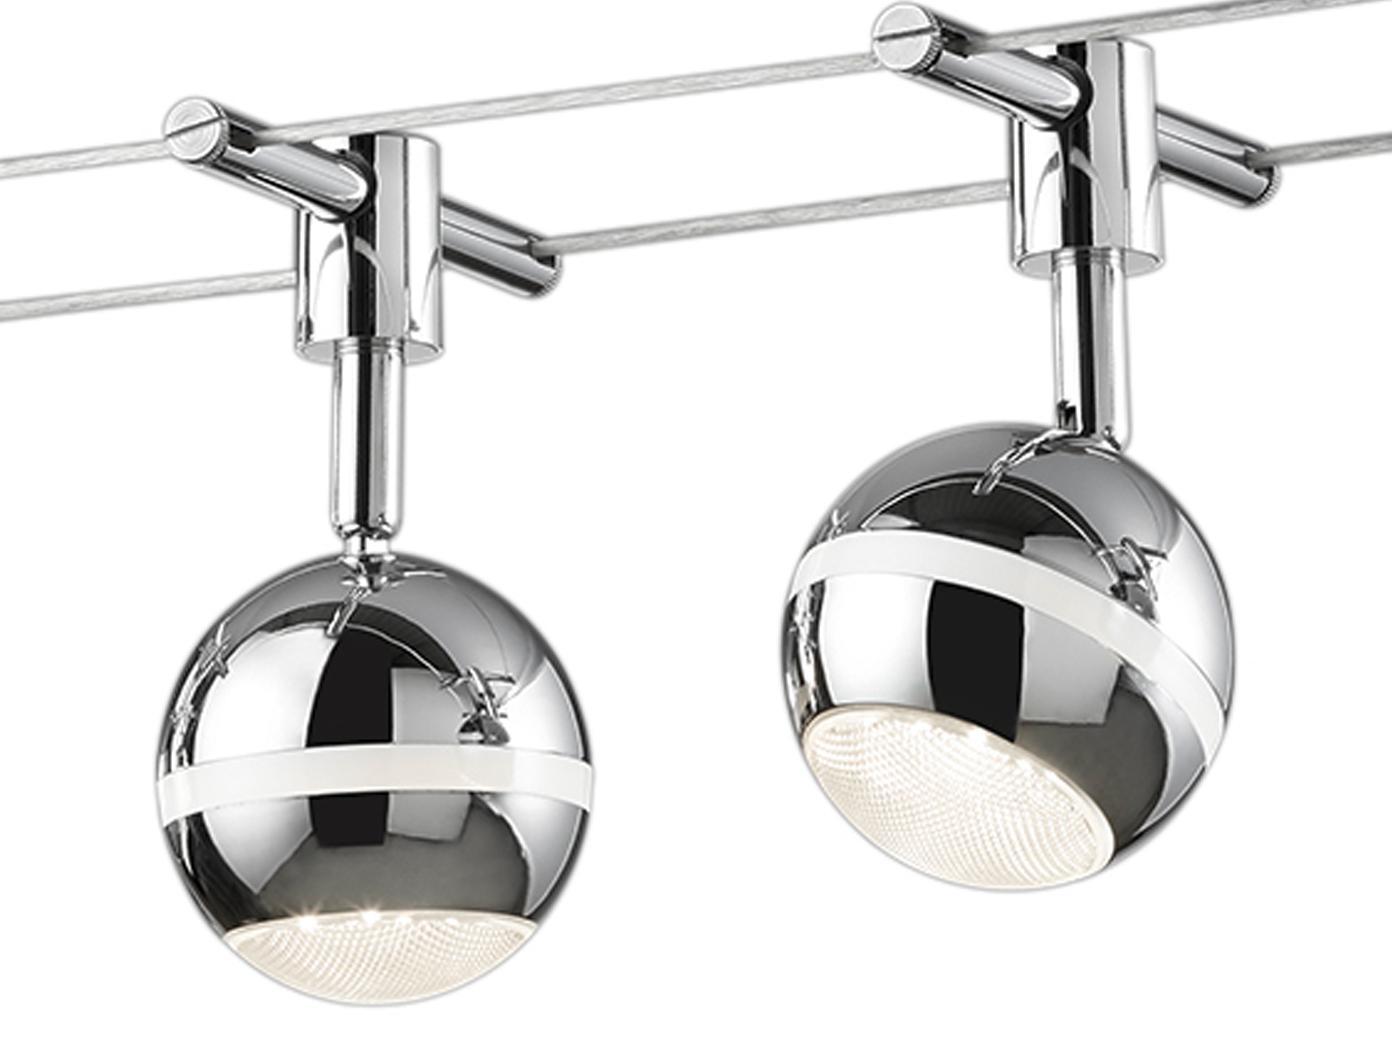 led lampen seilsystem 5 led spots kugel chrom 5 meter. Black Bedroom Furniture Sets. Home Design Ideas